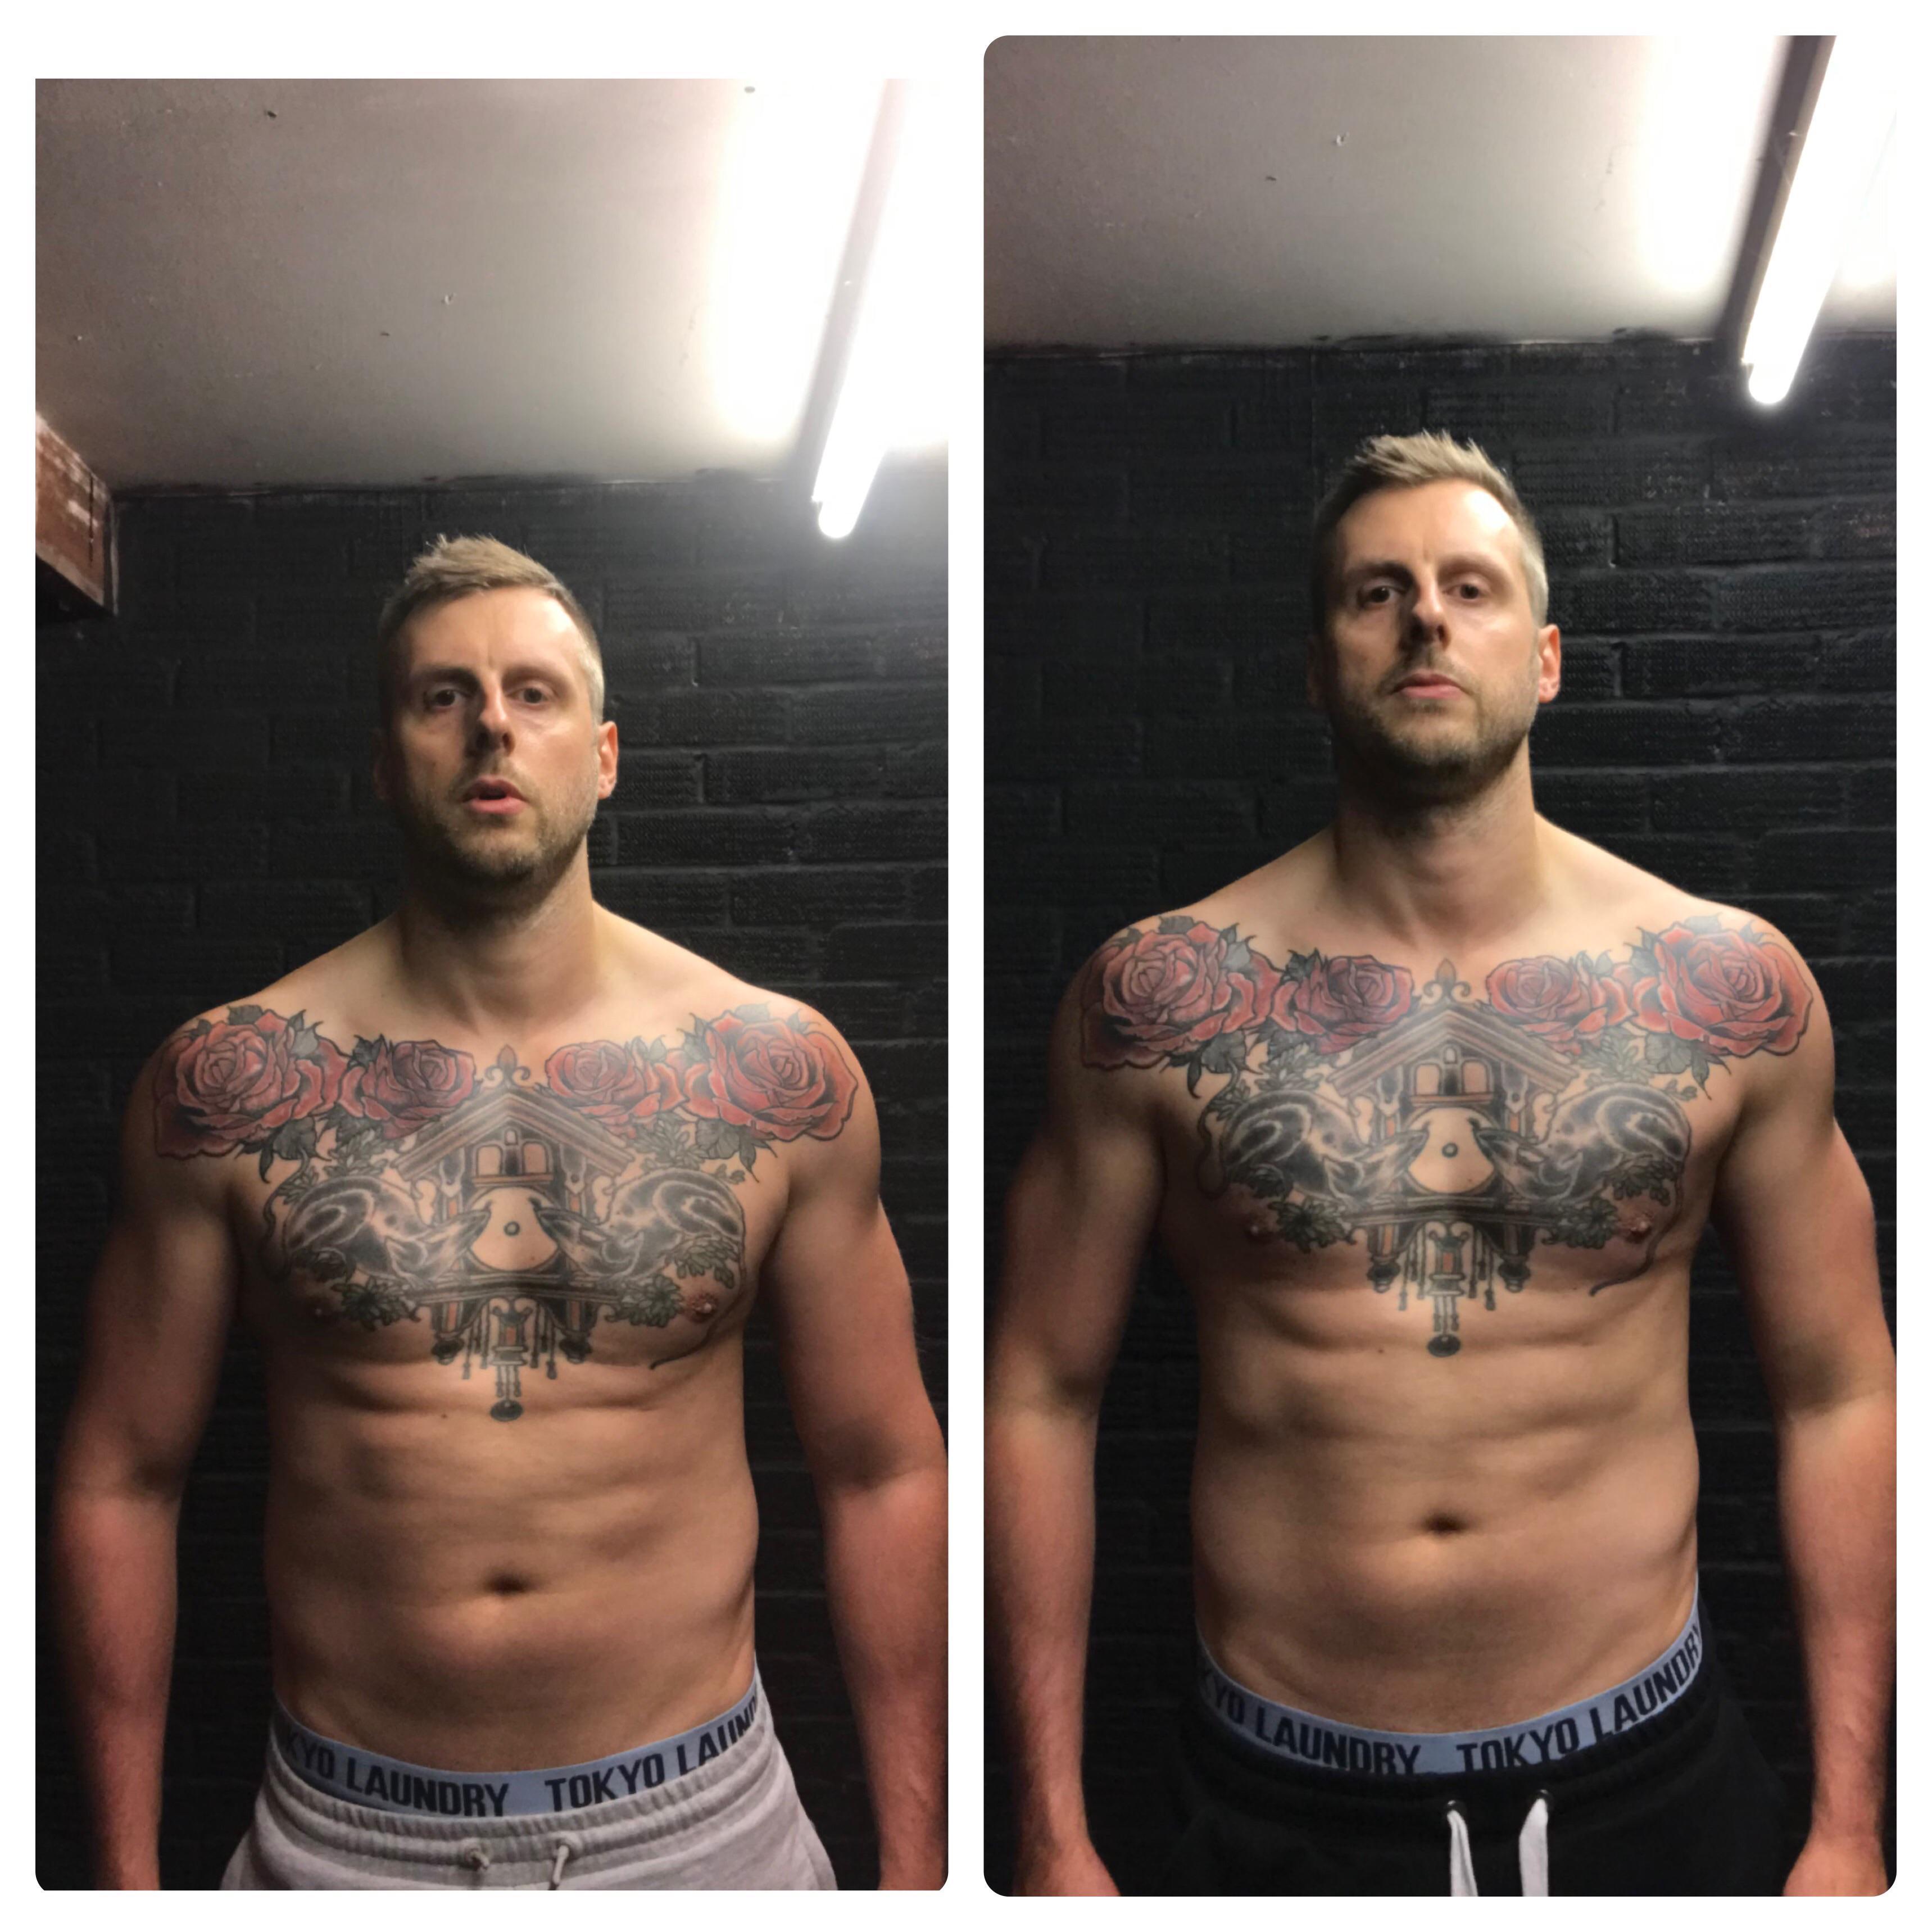 10 lbs Weight Loss 6 feet 1 Male 198 lbs to 188 lbs